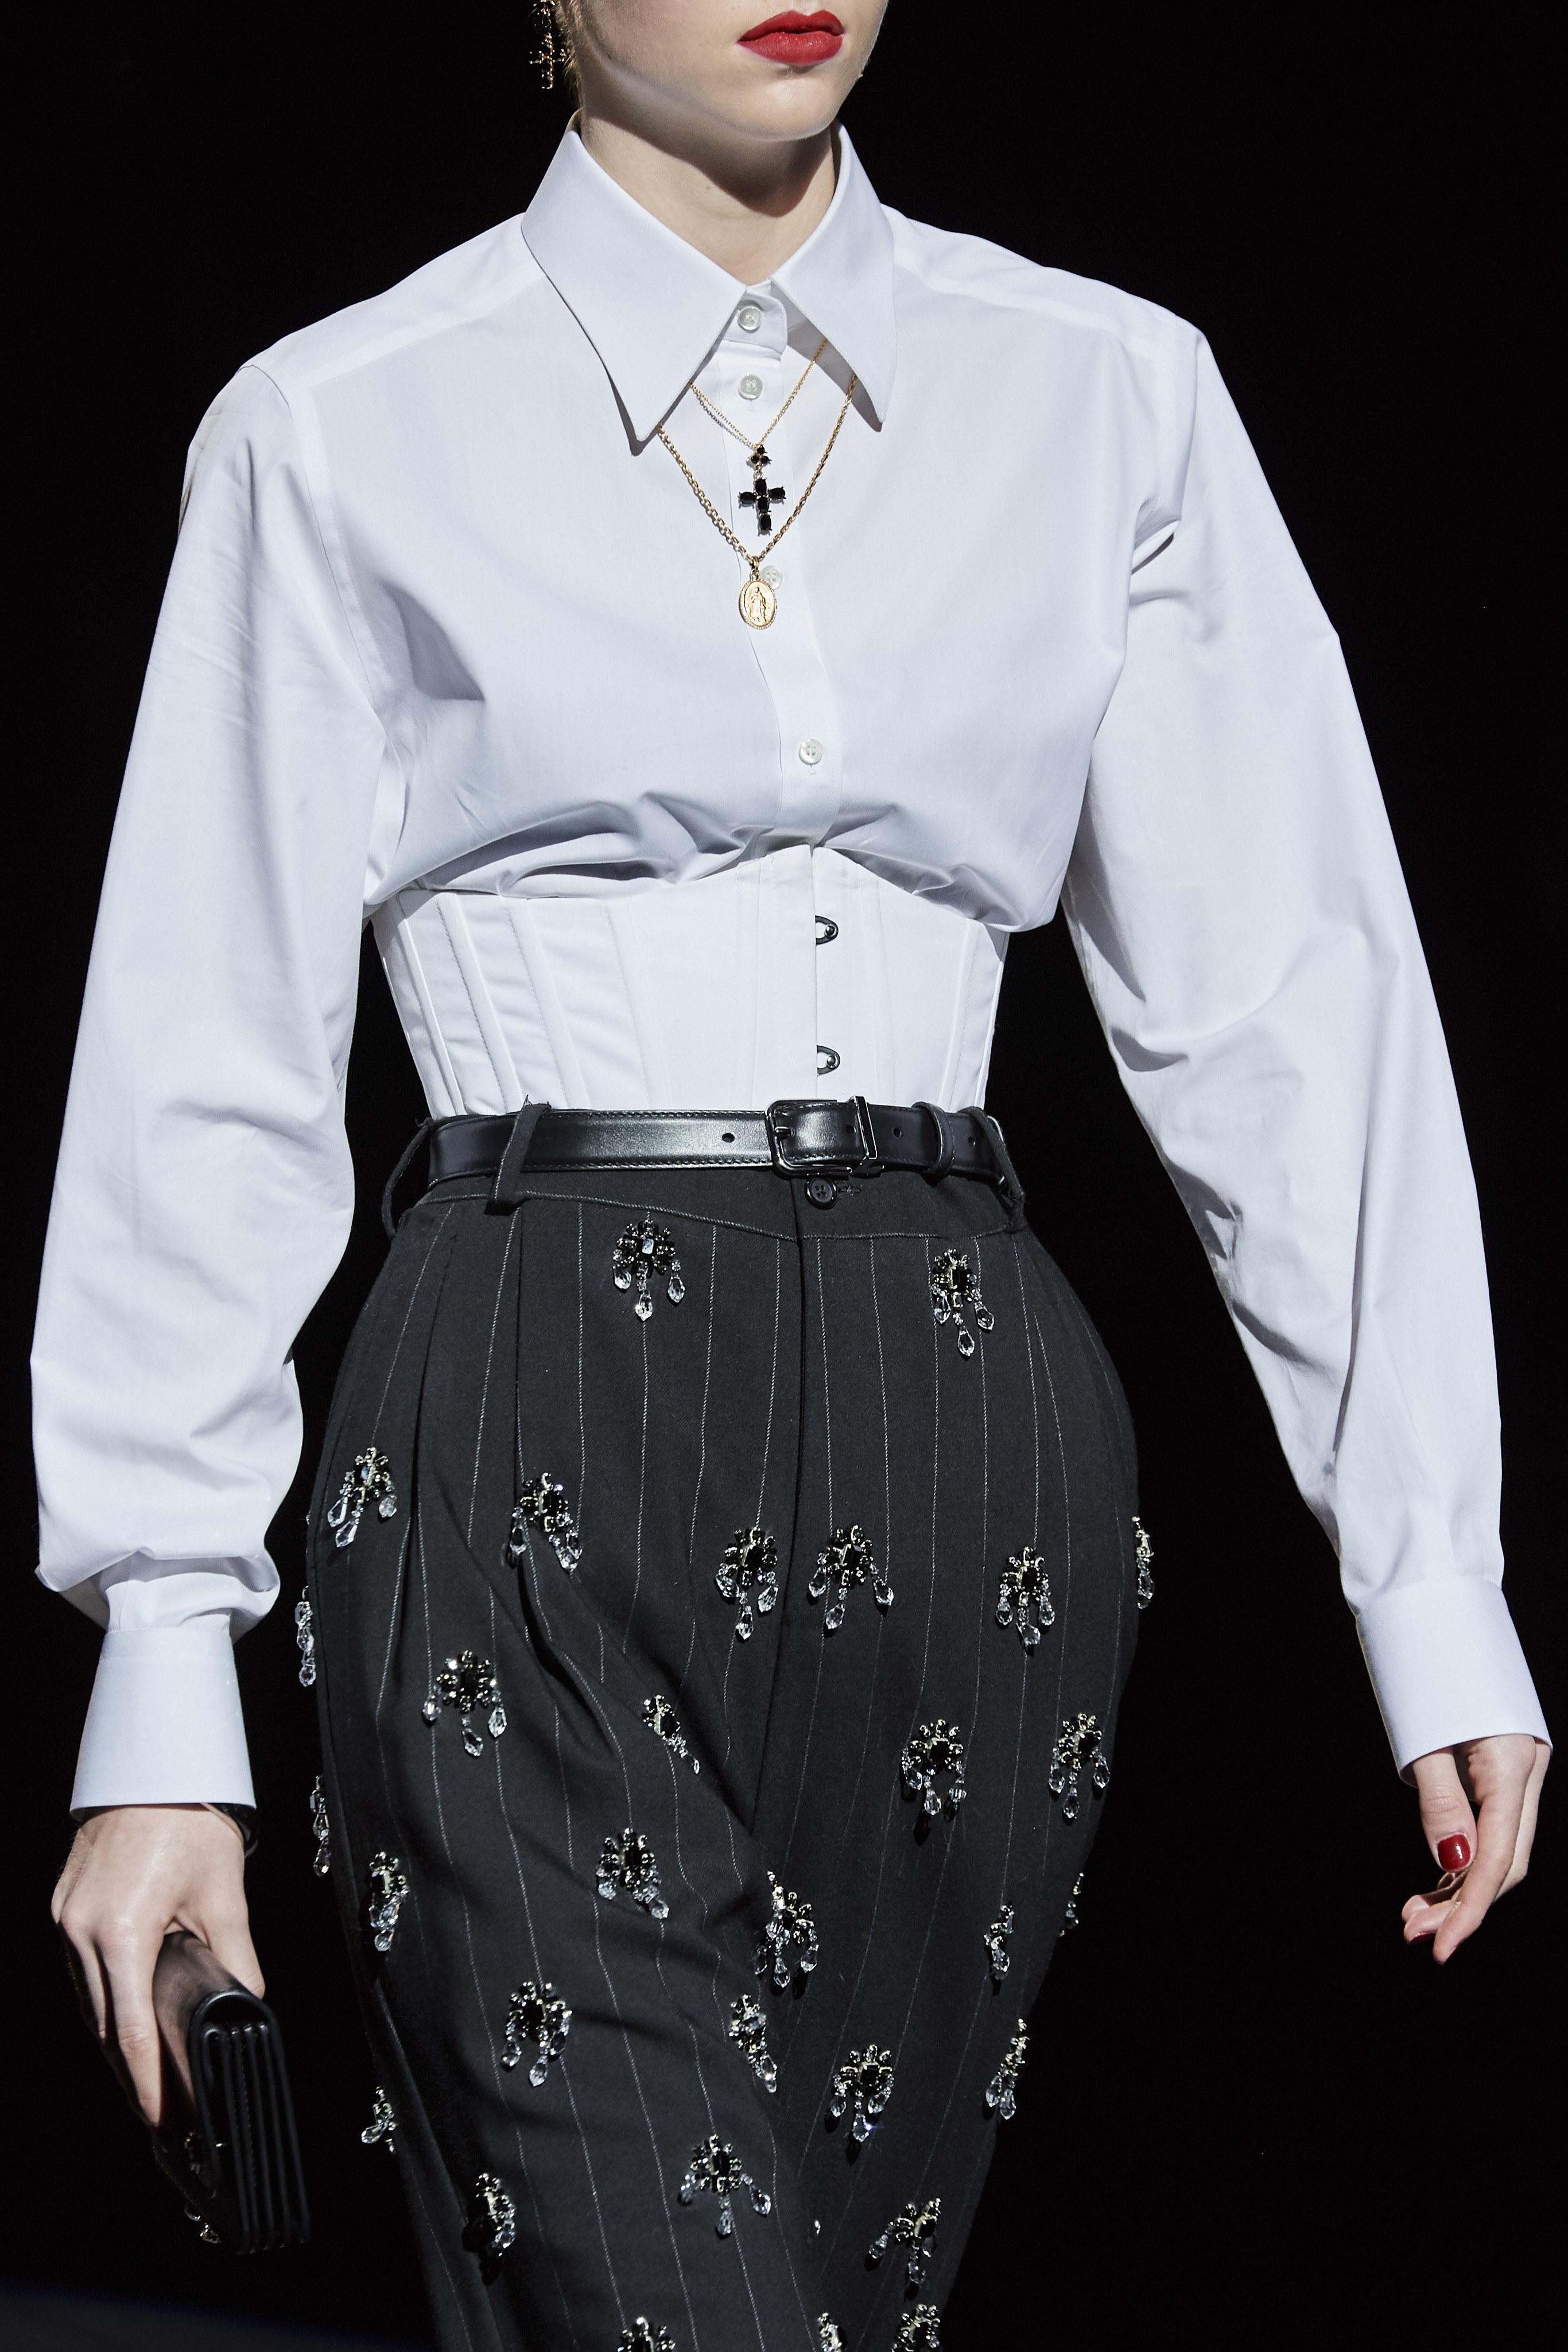 Cách phối đồ đẹp với quần âu kết cườm từ BST Dolce & Gabbana Thu - Đông 2020